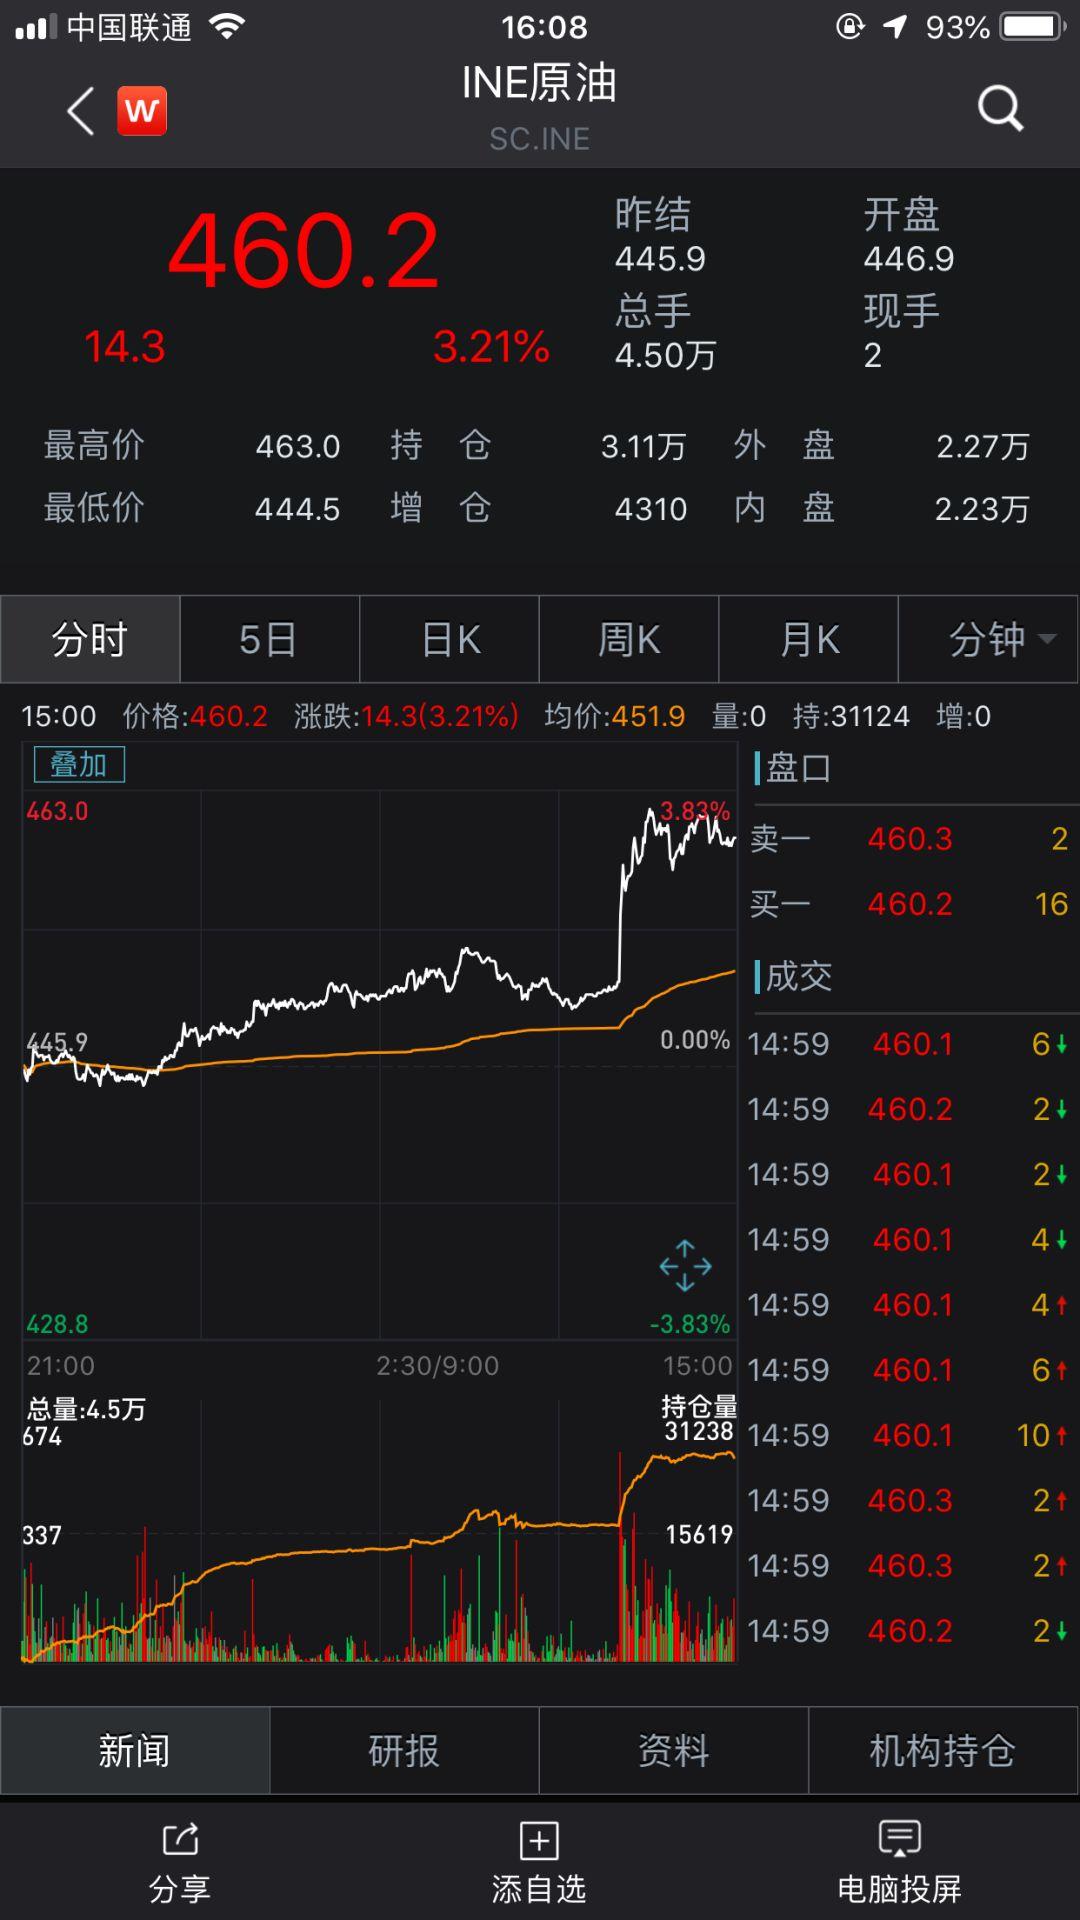 新华社评论:经济有韧劲是中国坚决反制的最大底气